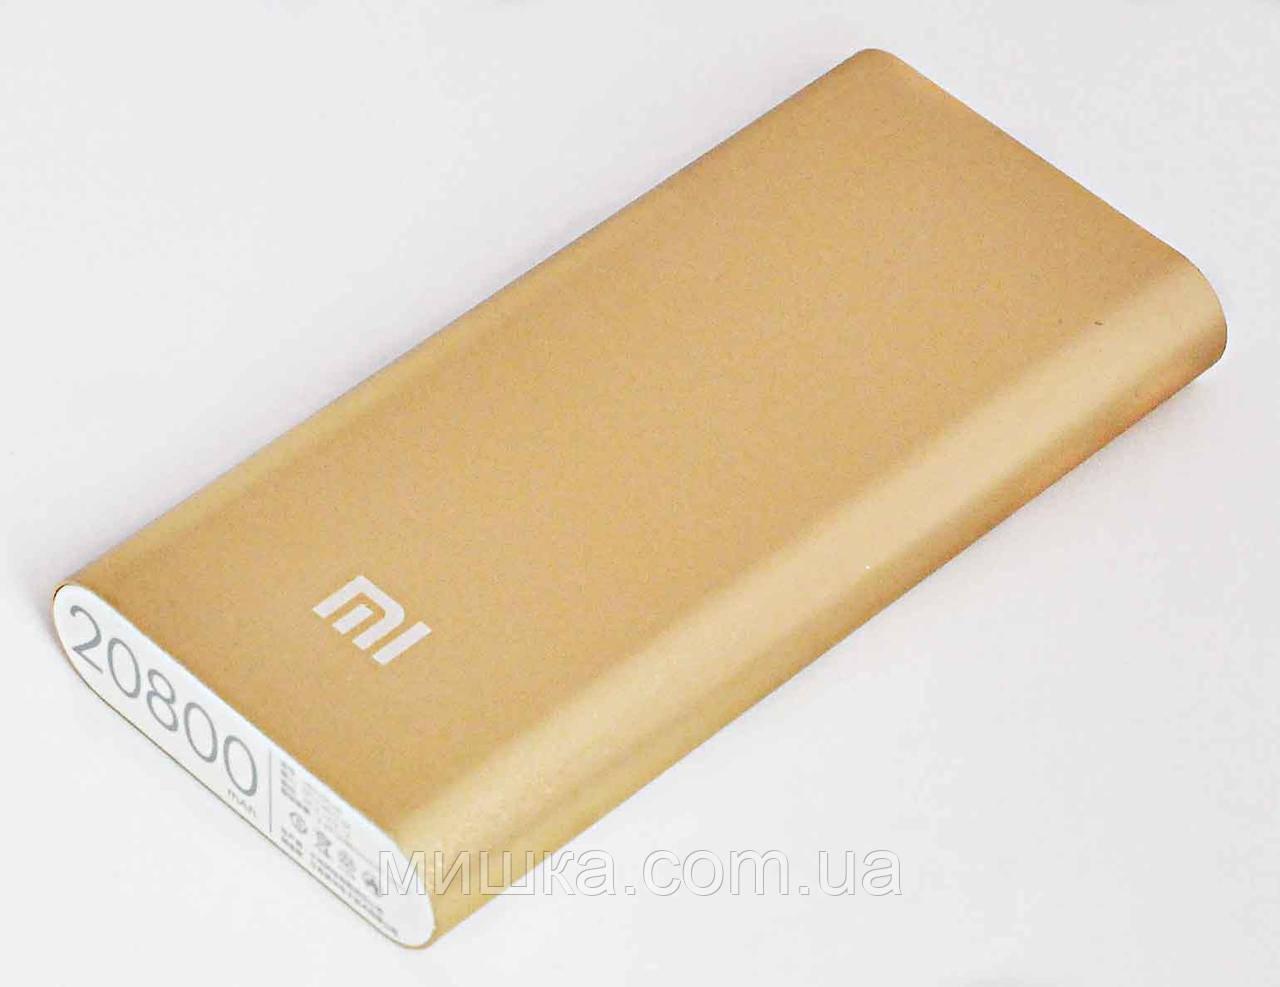 Power Bank Xiaomi Mi 20800 mAh, gold (60%)